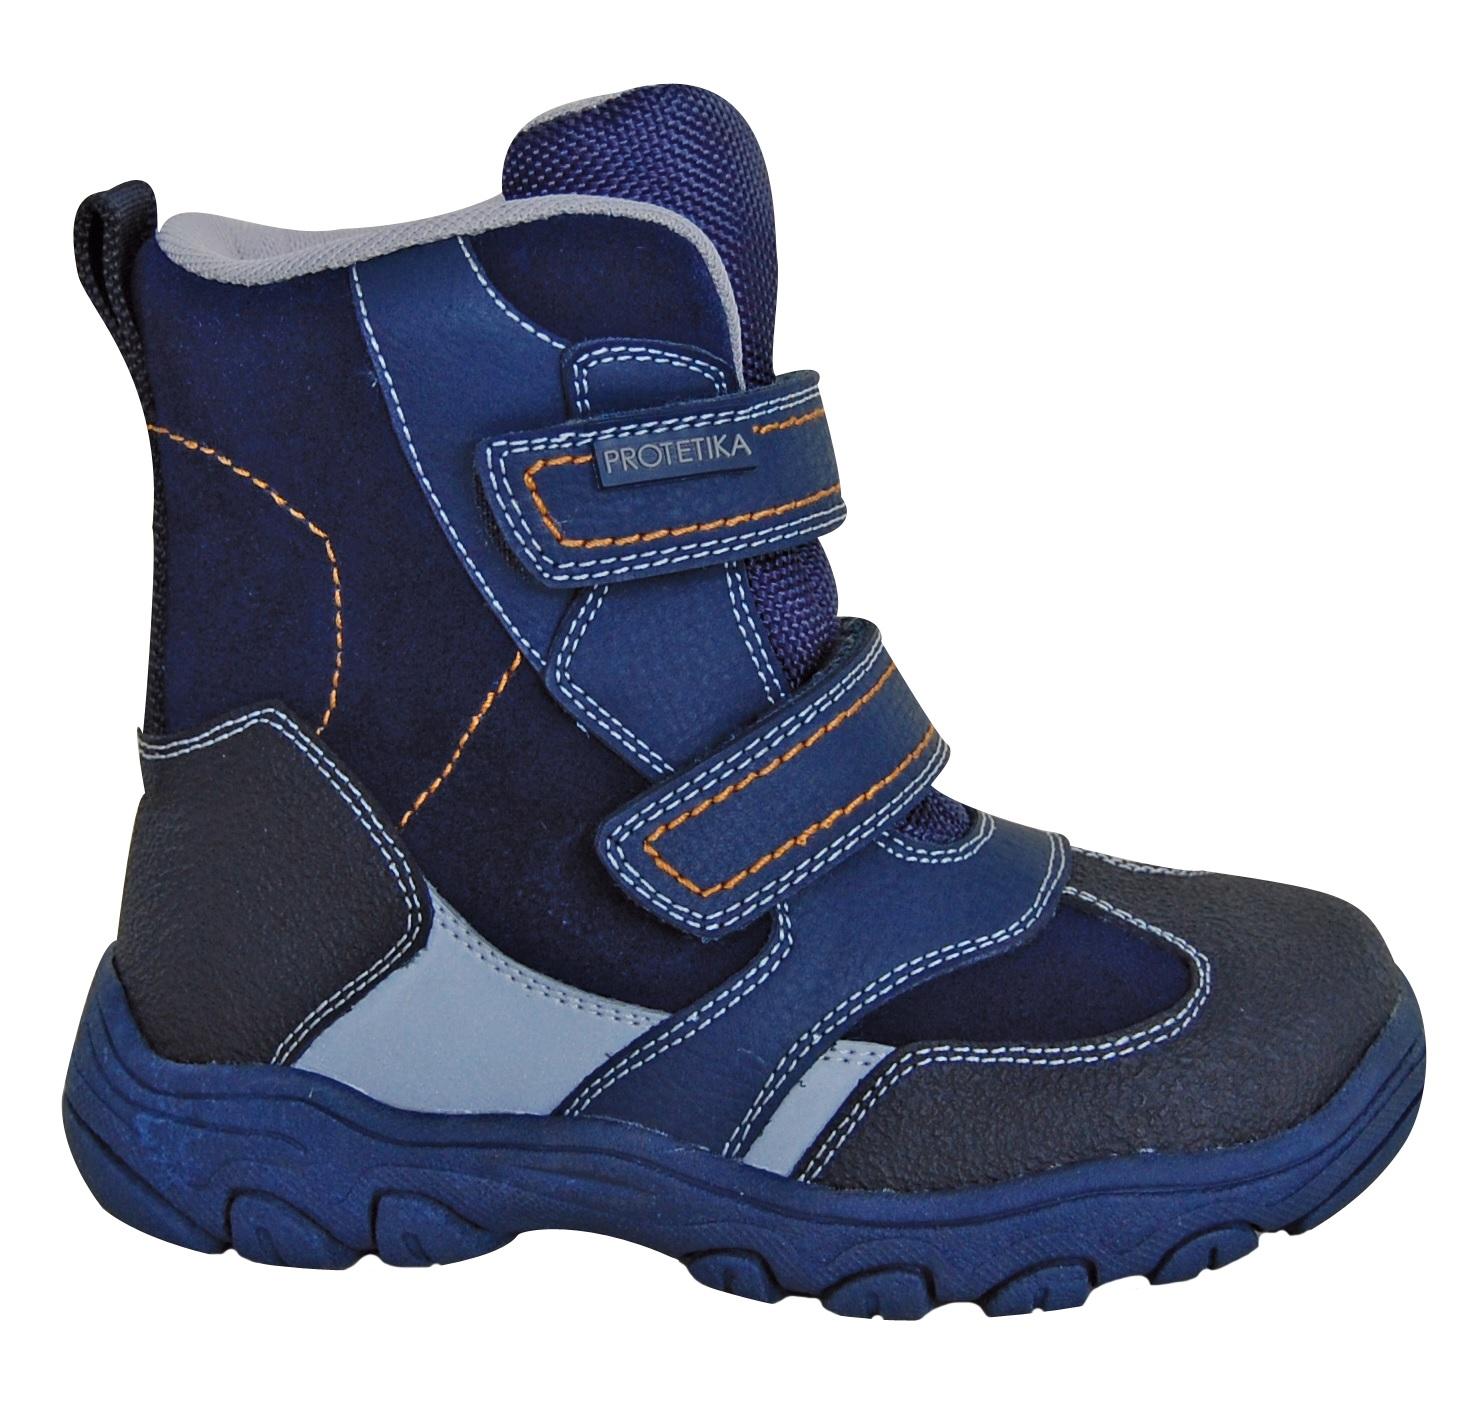 0ac06a376 Protetika Chlapčenské zimné topánky Bolzano - modré, EUR 35 ...